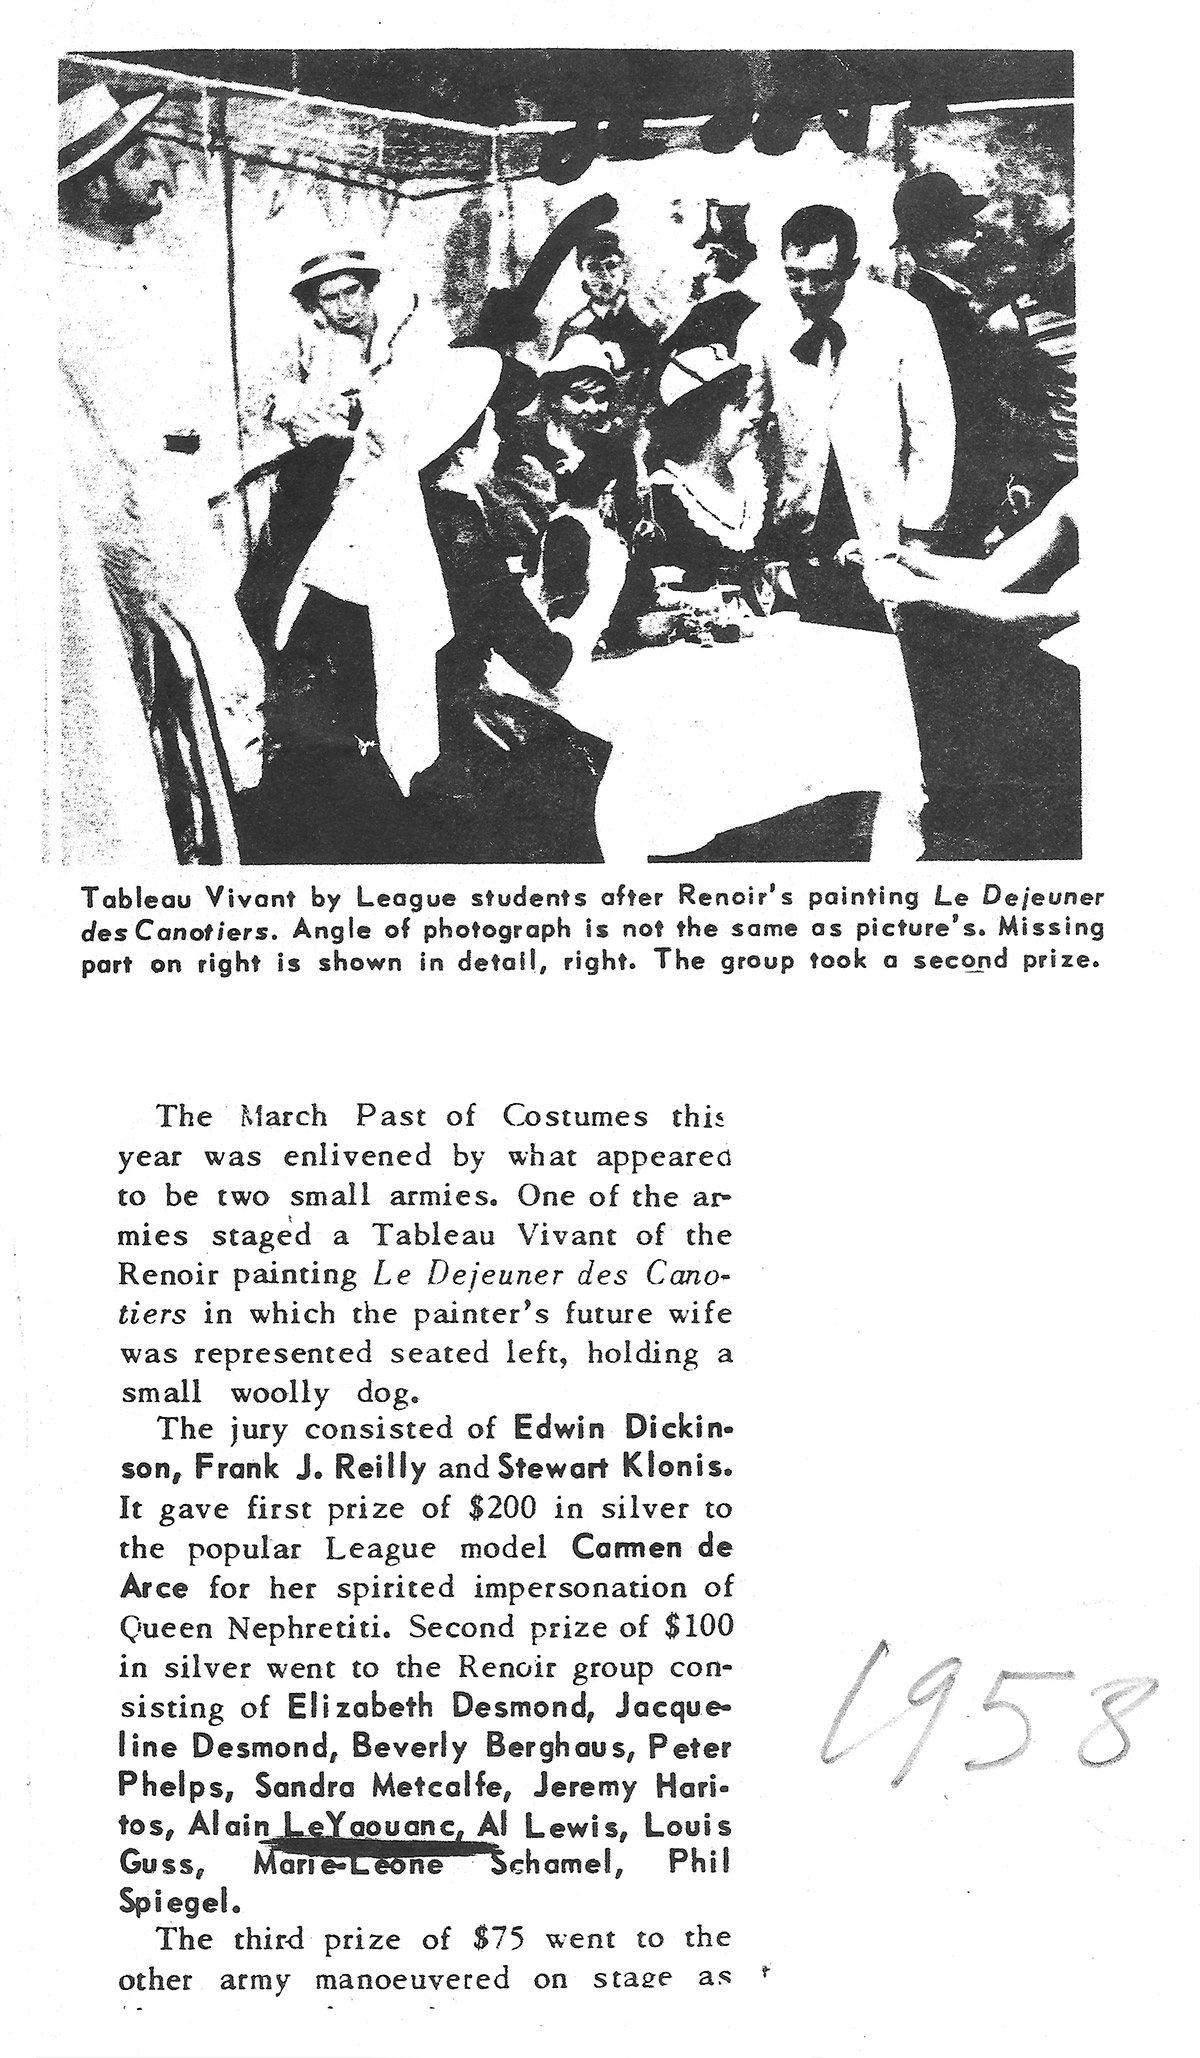 Second prix pour un tableau vivant du Dejeuner des canotiers de Renoir, 1958. Archives Le Yaouanc